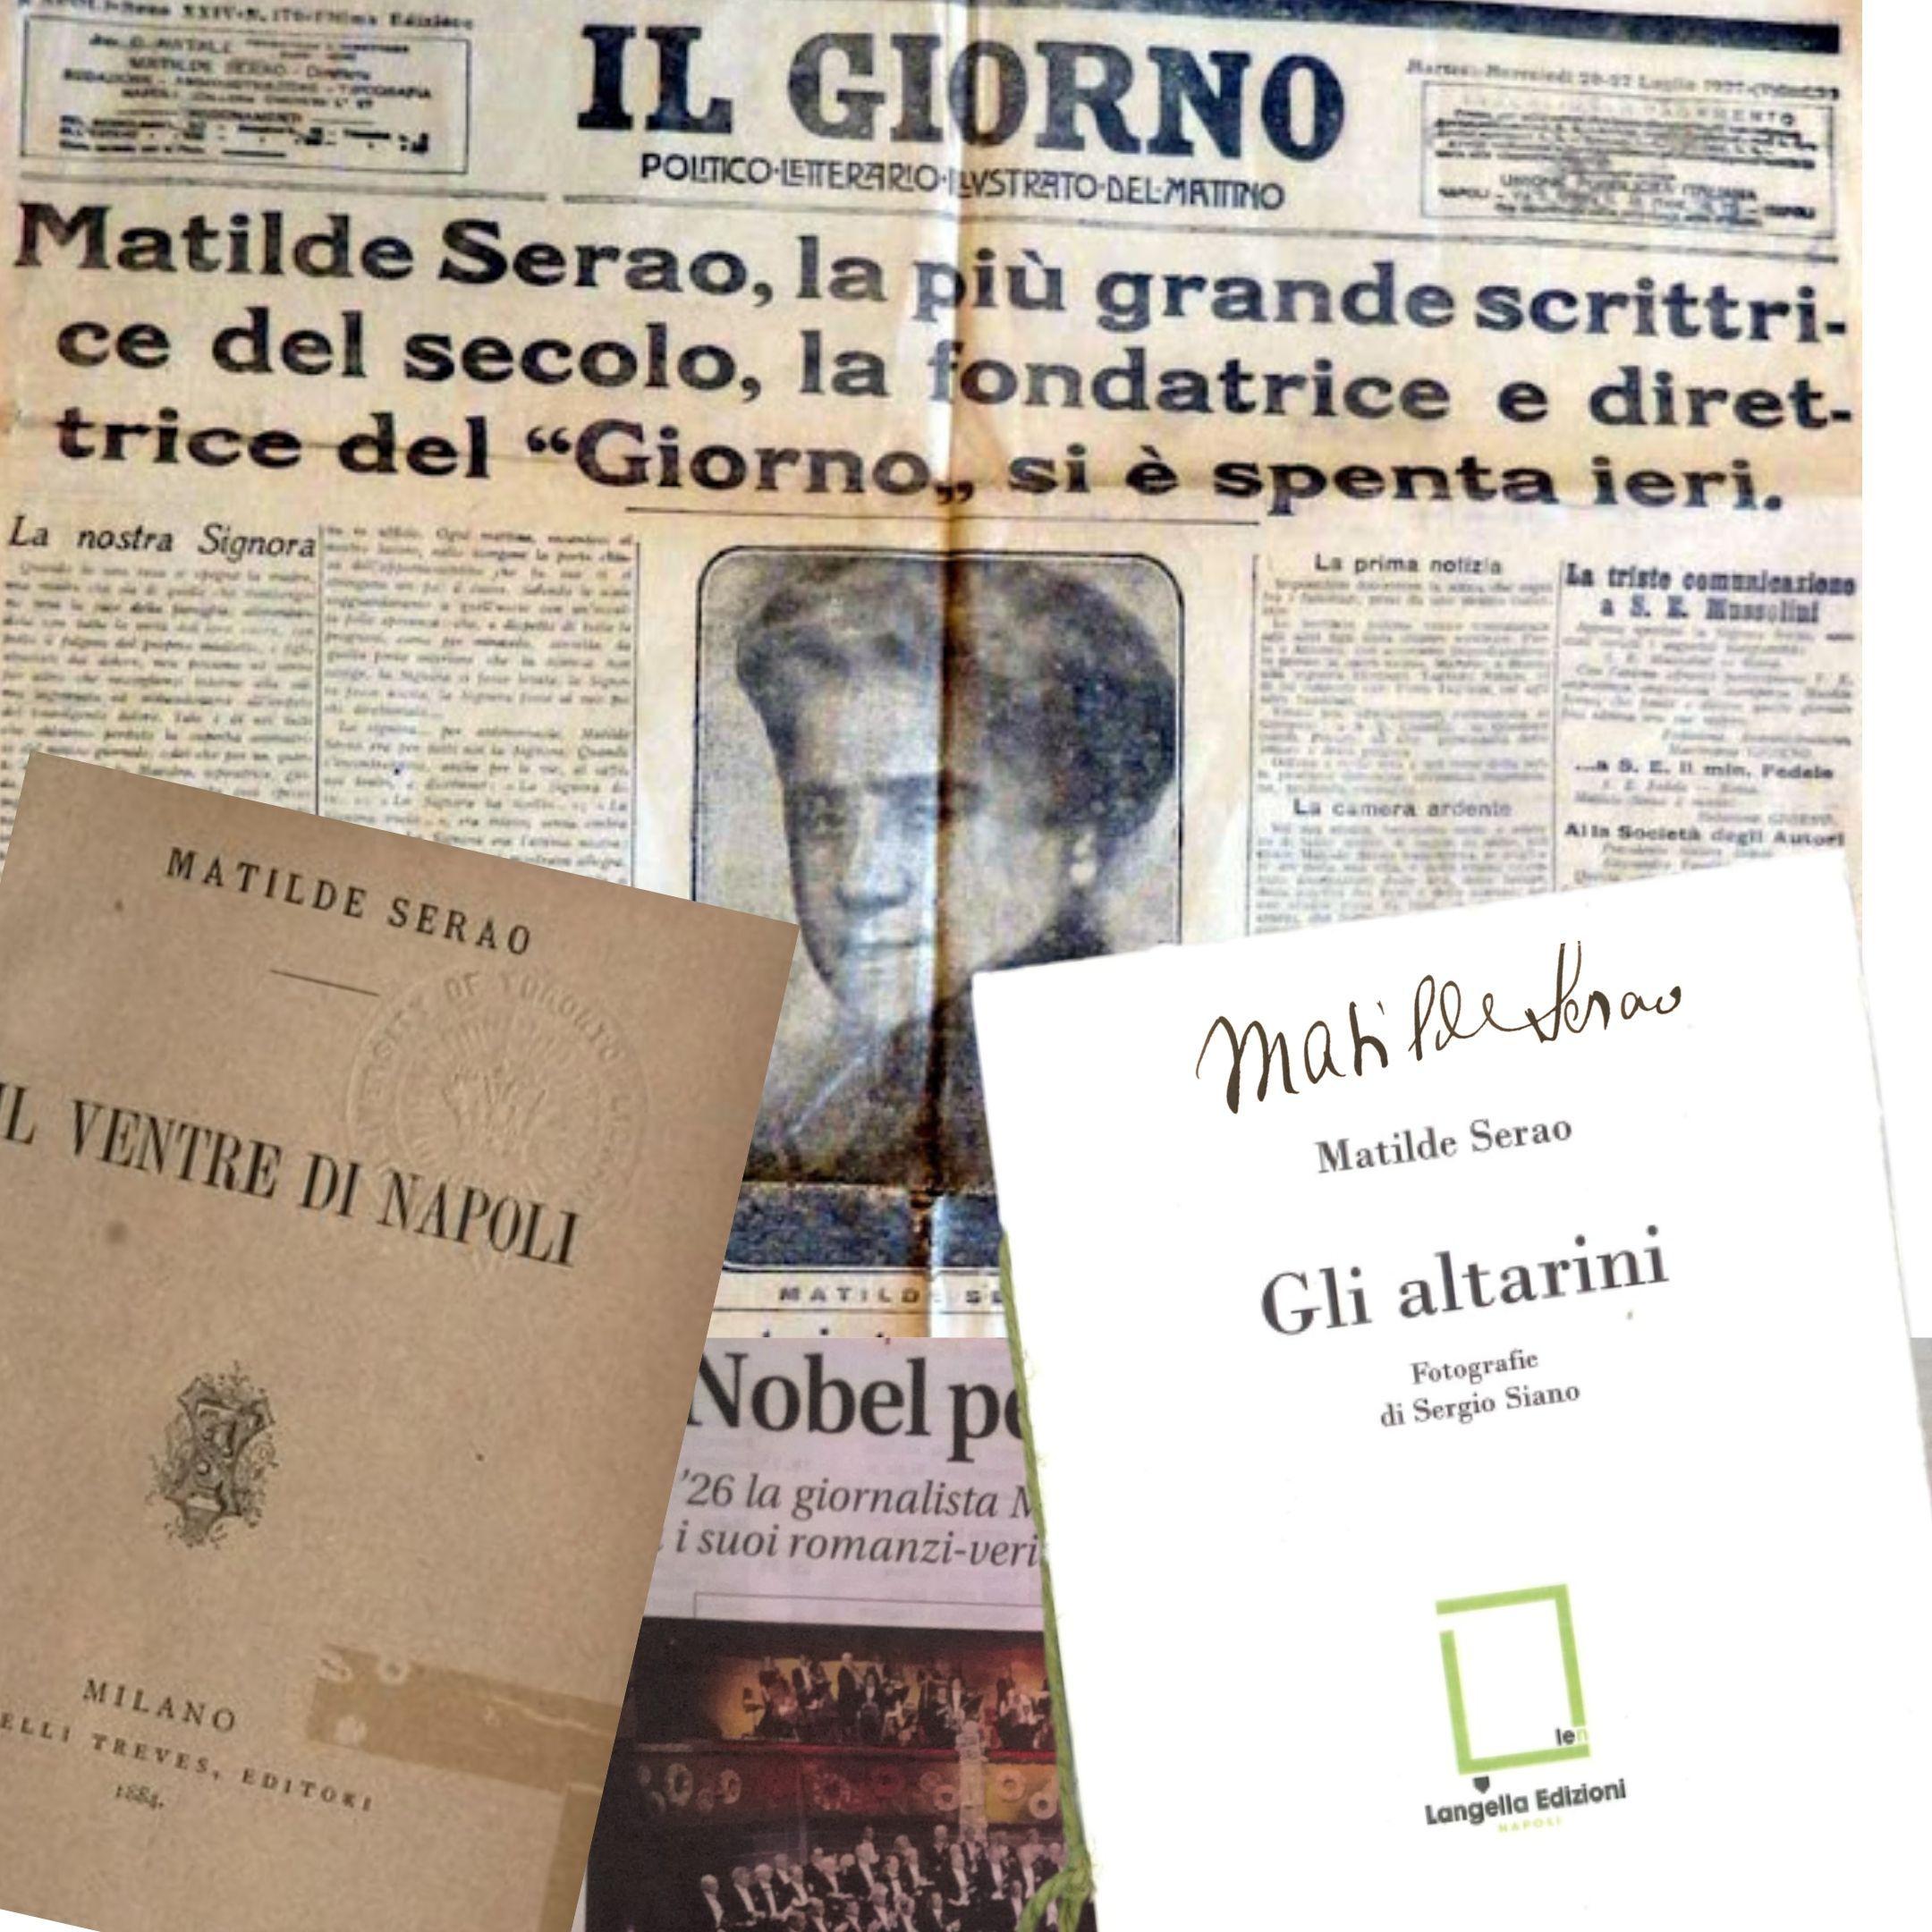 Da Napoli una voce critica ma autentica, che non si finisce mai di scoprire: Matilde Serao